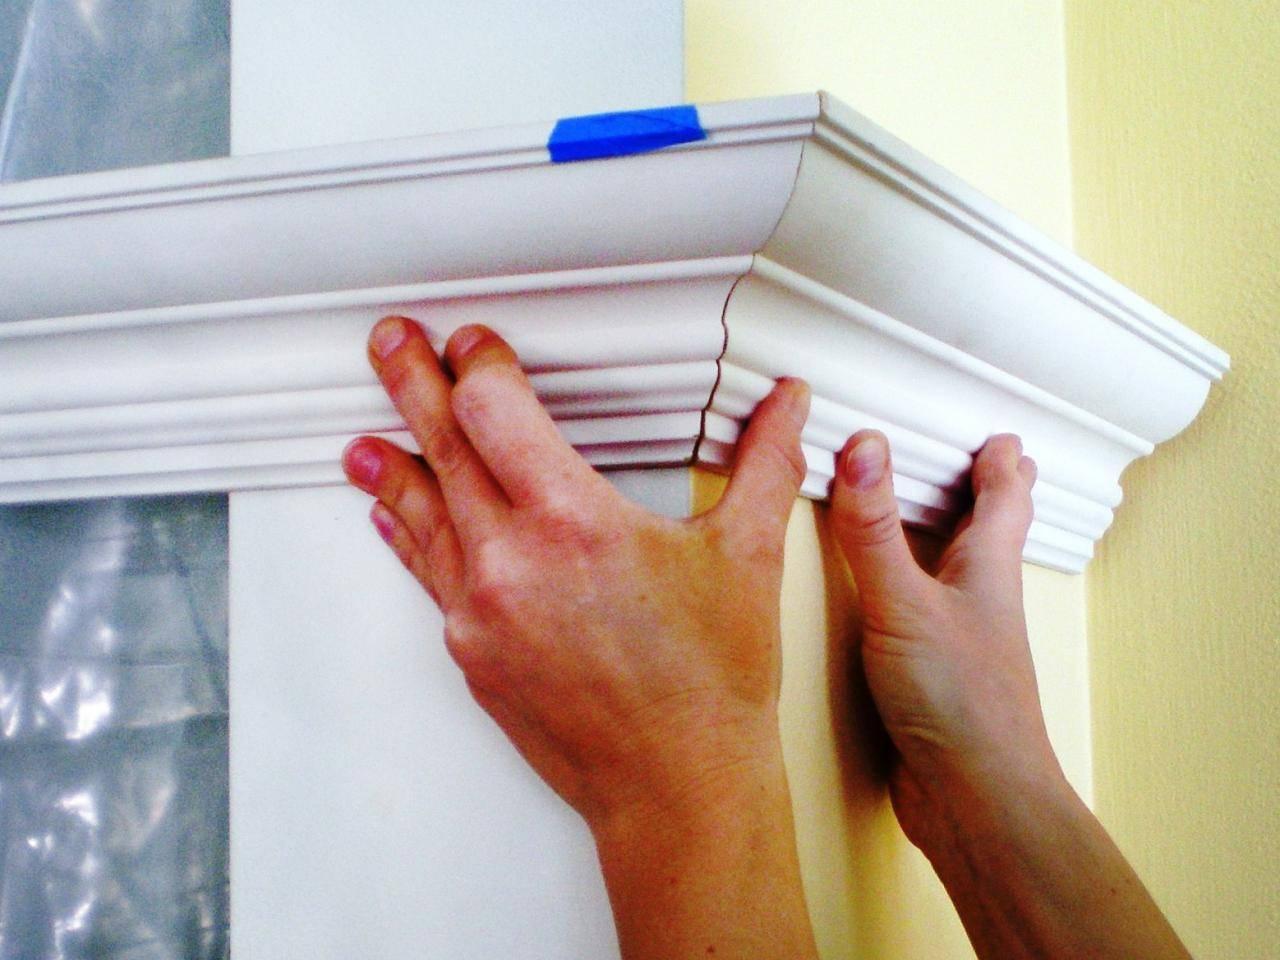 Как сделать угол на потолочном плинтусе и приклеить правильно